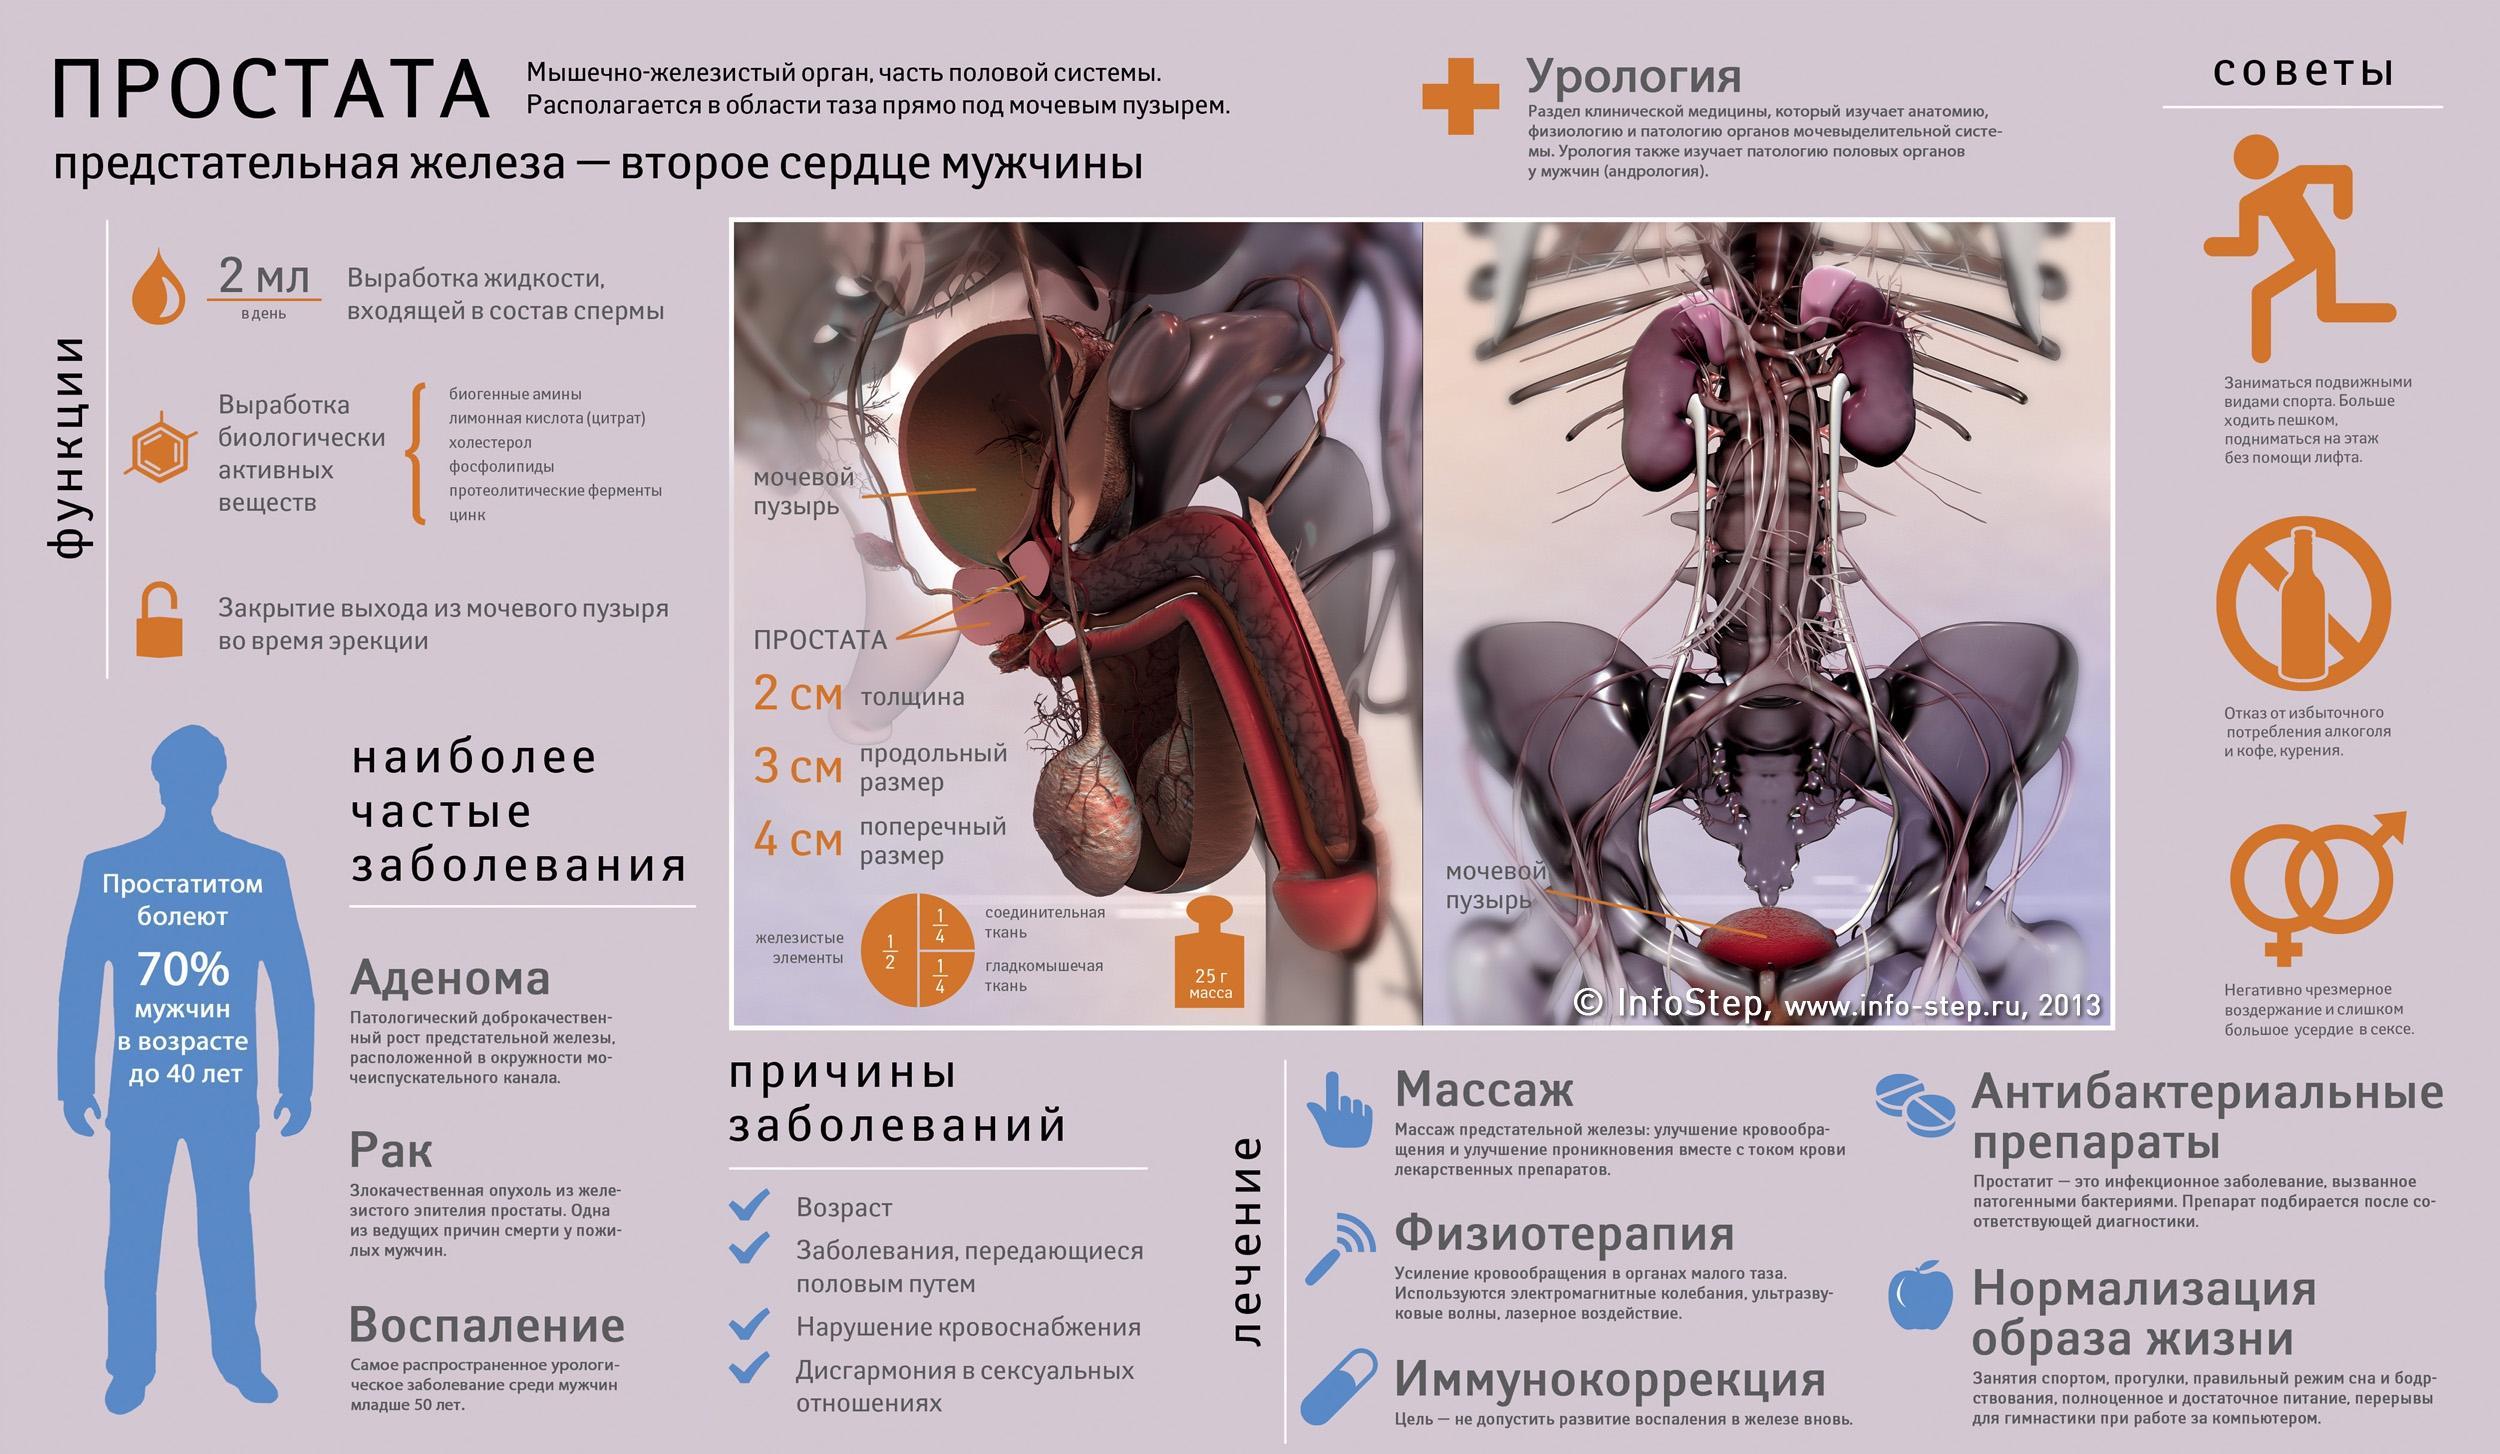 Эффективное лечение простатита, лечение аденомы, препараты 31